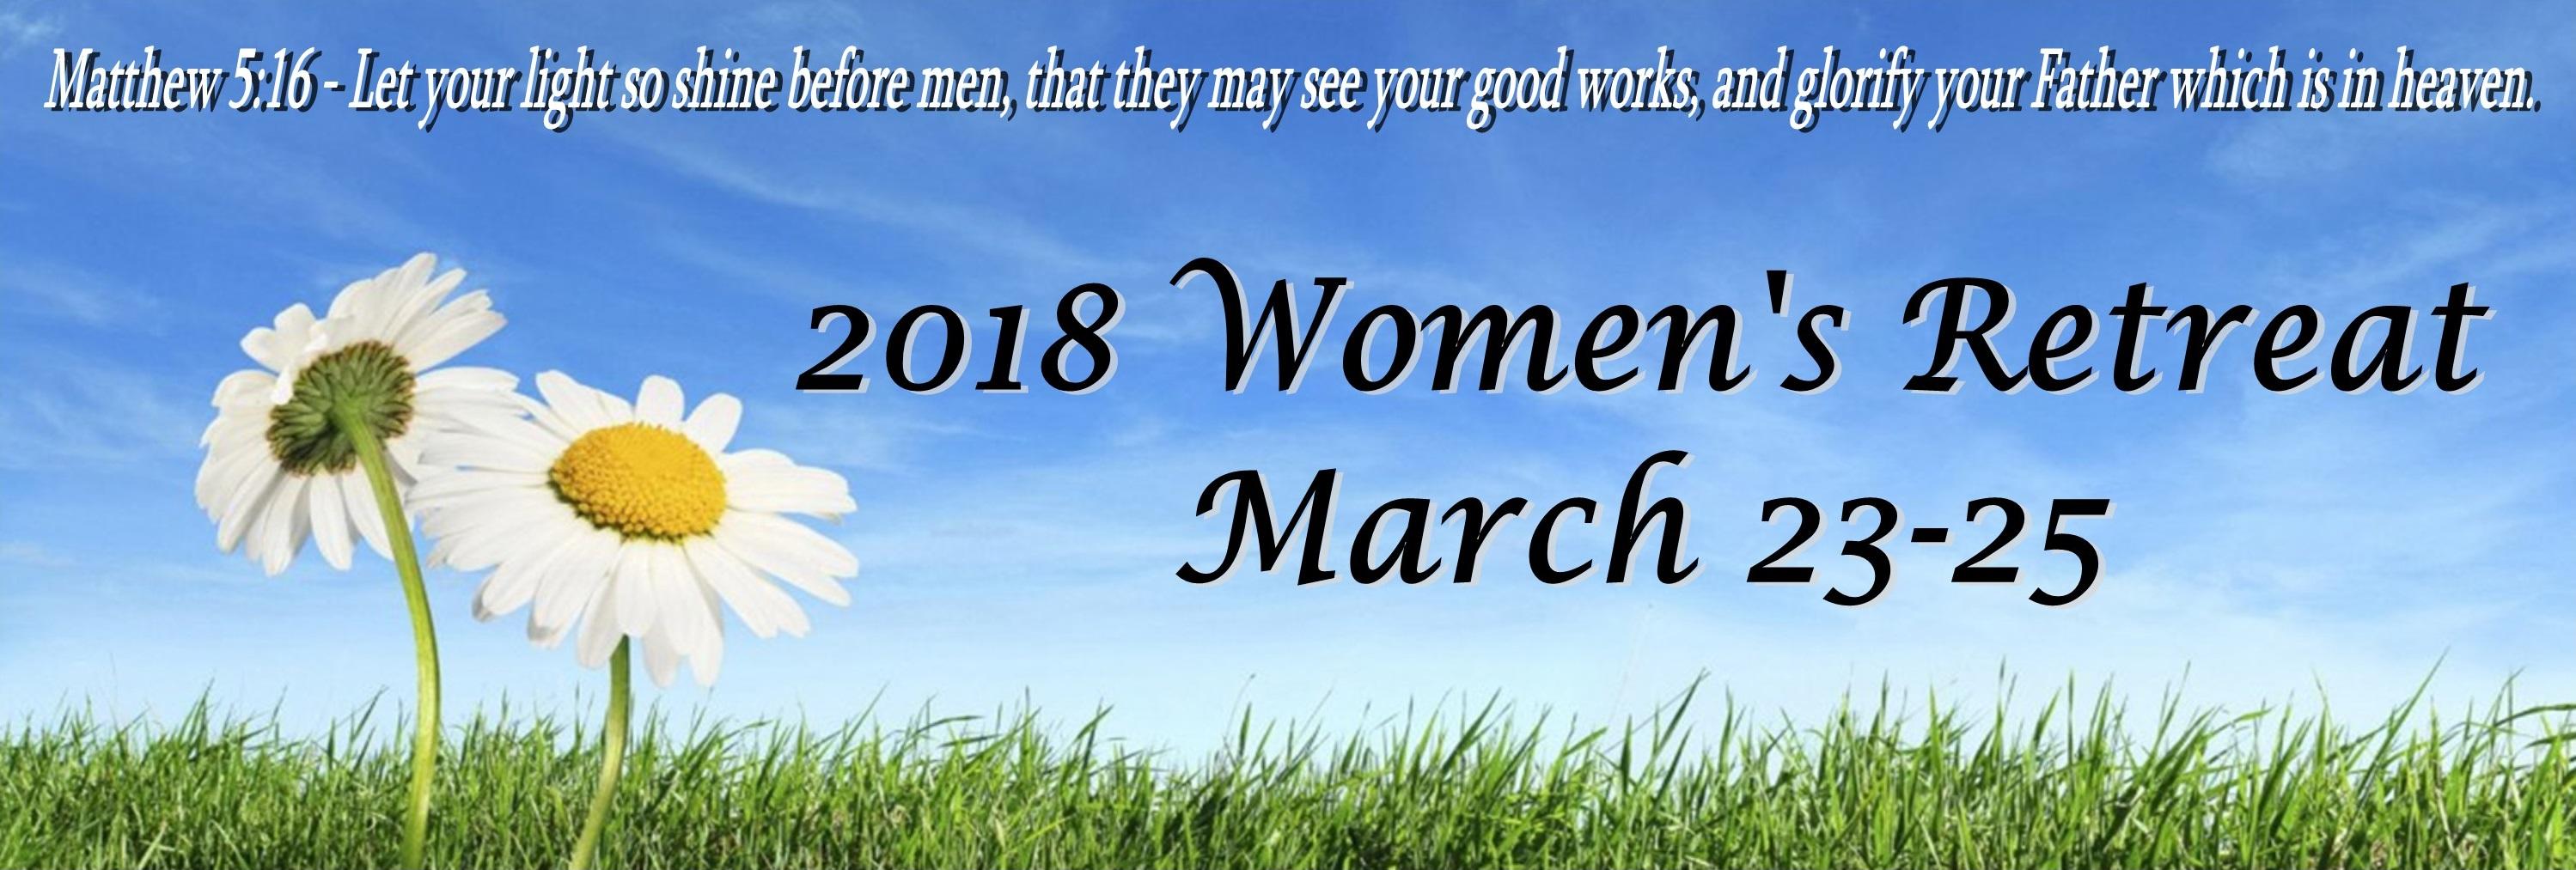 2018 Women